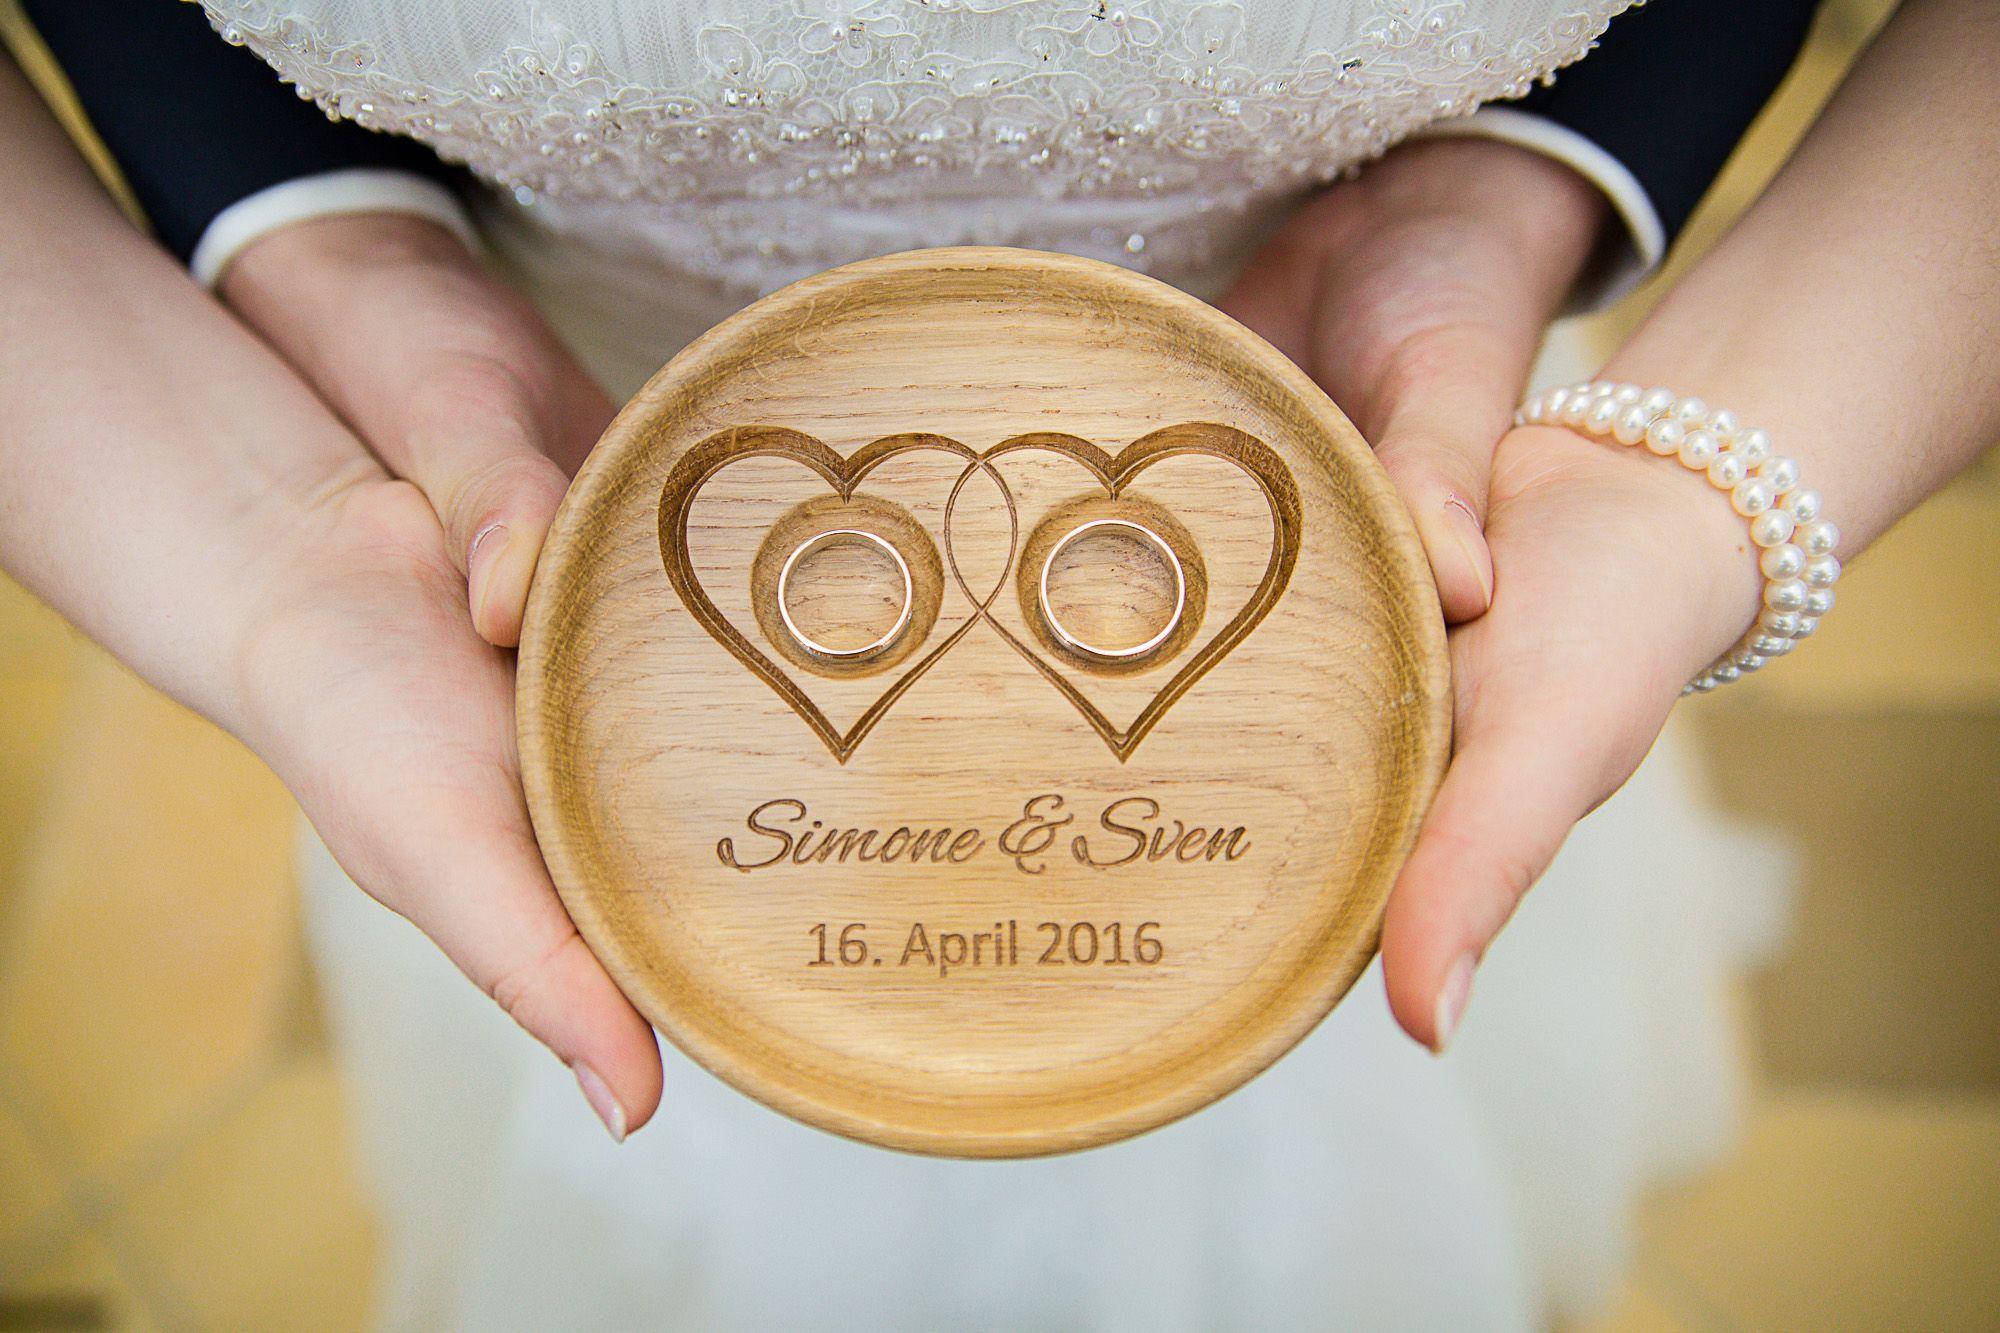 Ringschale aus Holz mit Gravur Hochzeit Ideen